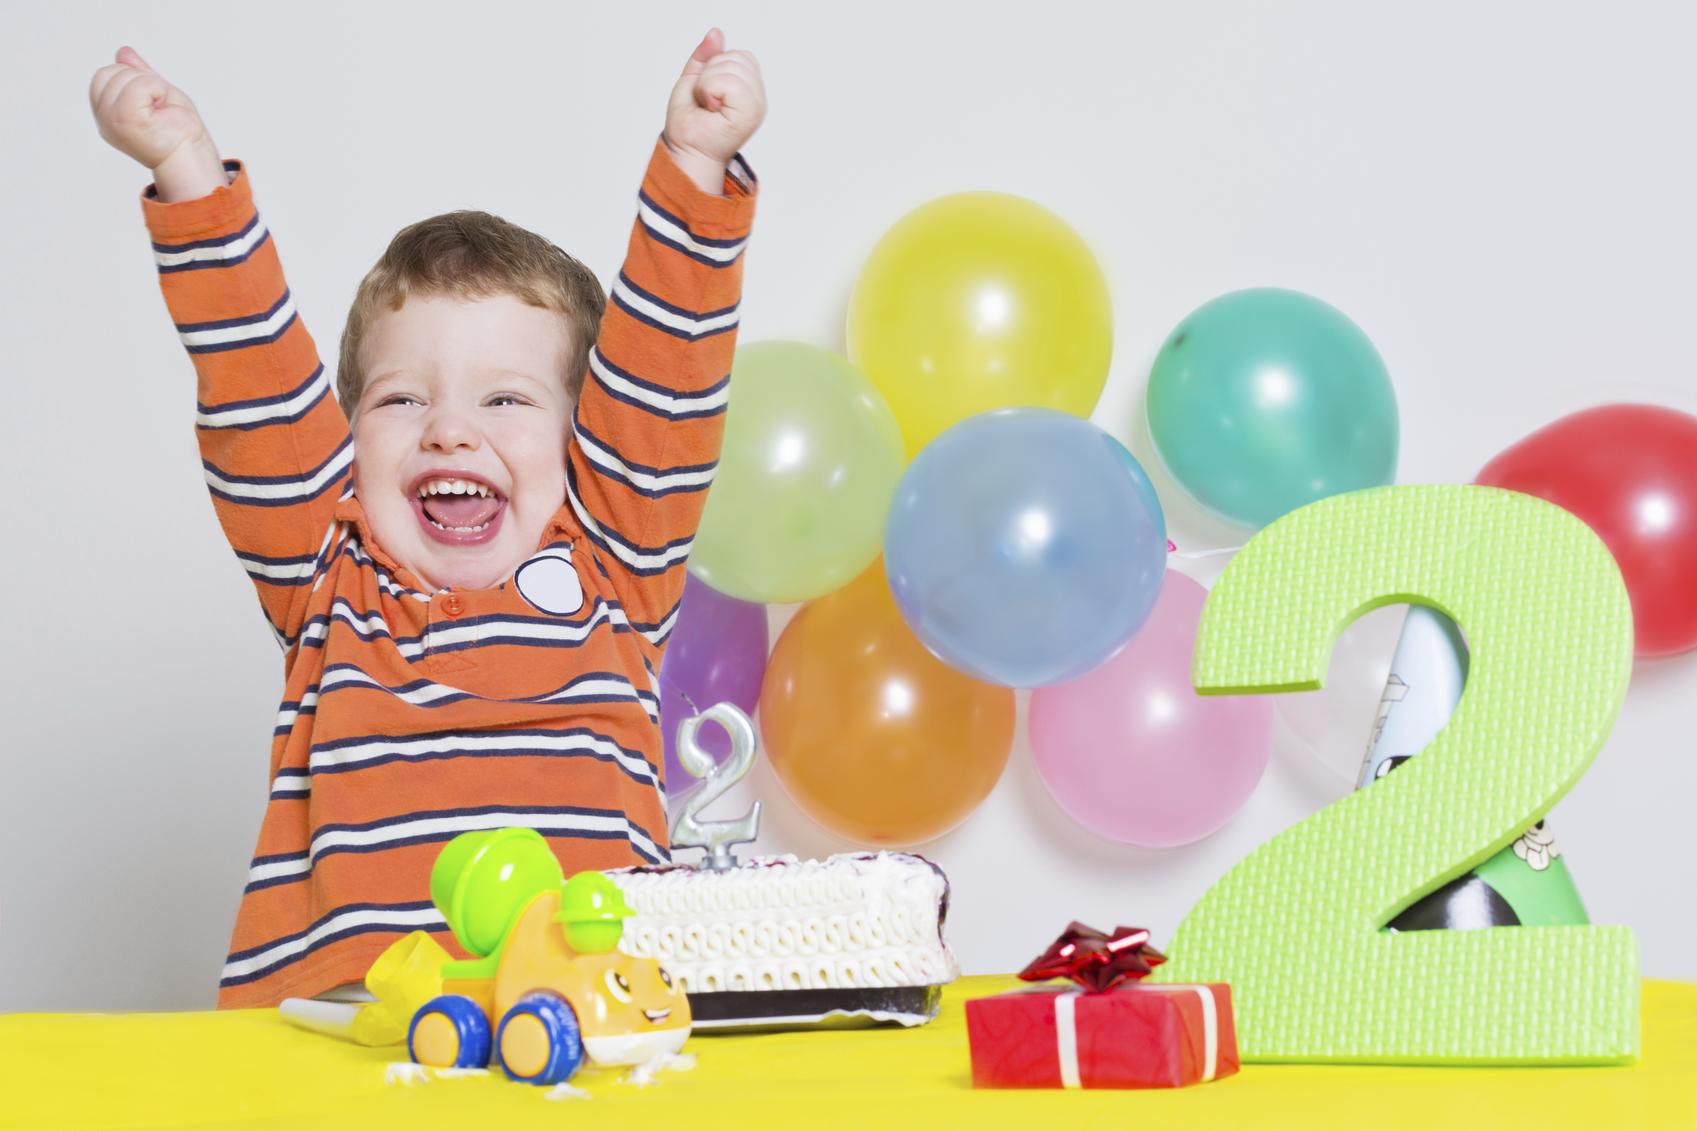 Lo que un niño de 2 años puede hacer solito